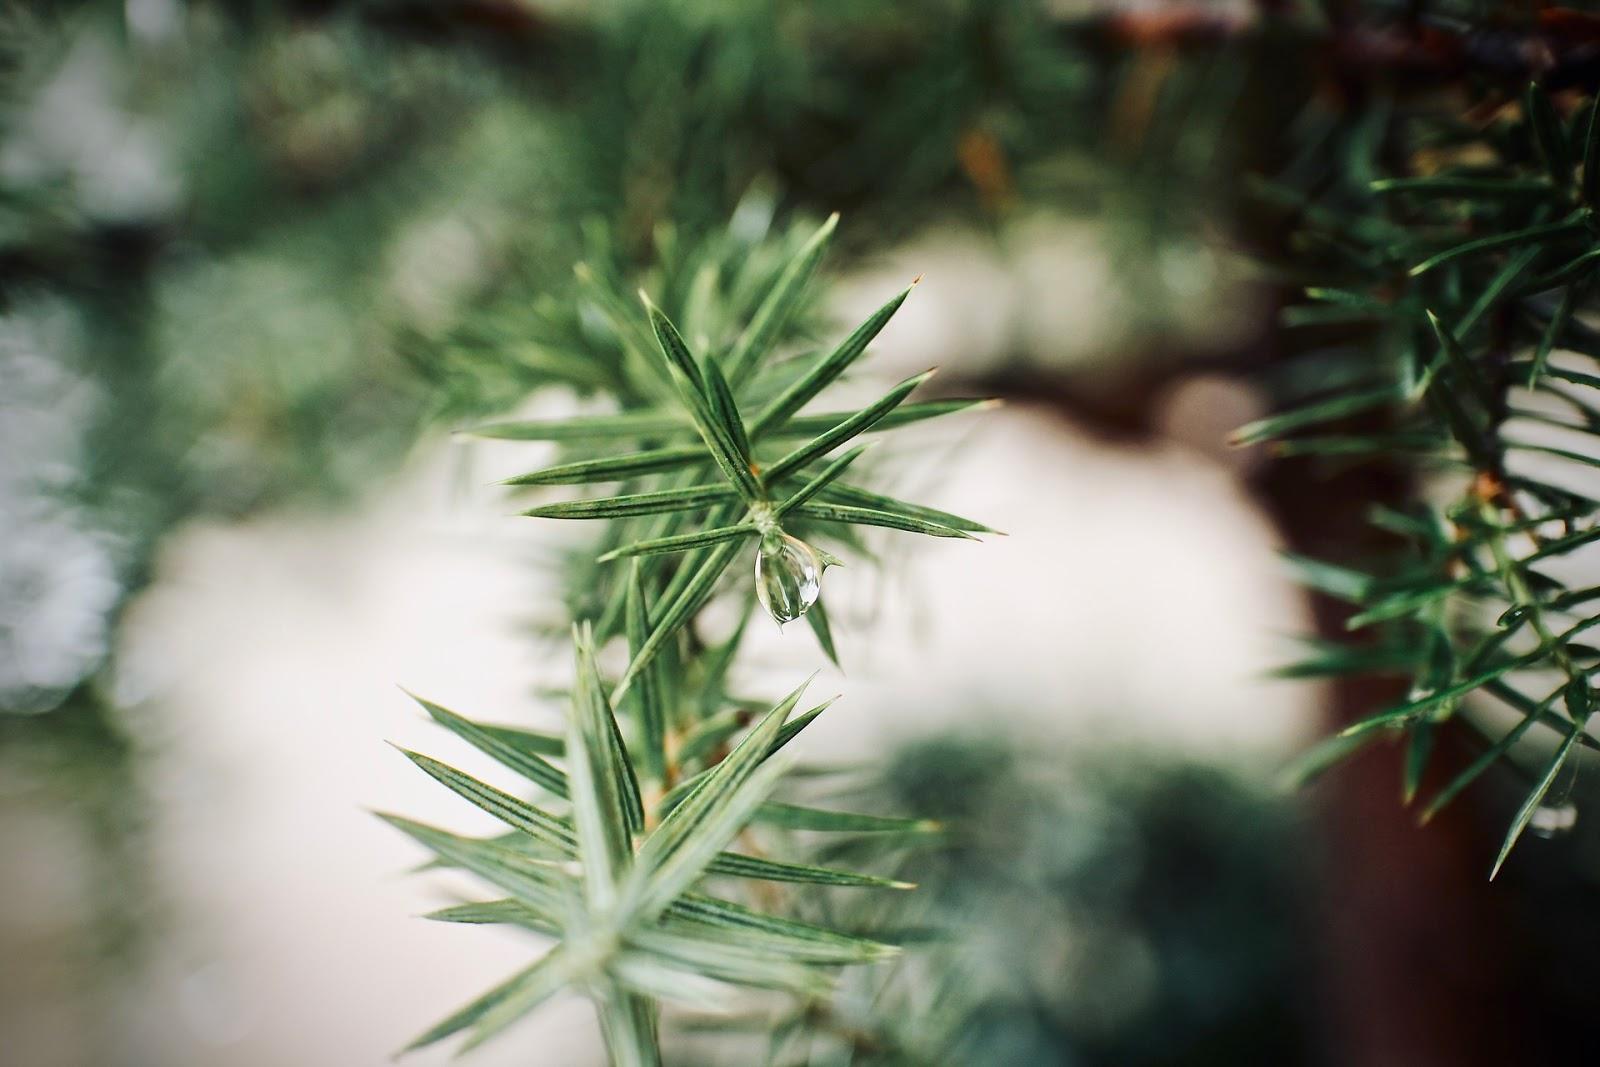 Weihnachtsbaum Echt Oder Künstlich.Künstlicher Weihnachtsbaum Der Wie Echt Aussieht Im Test